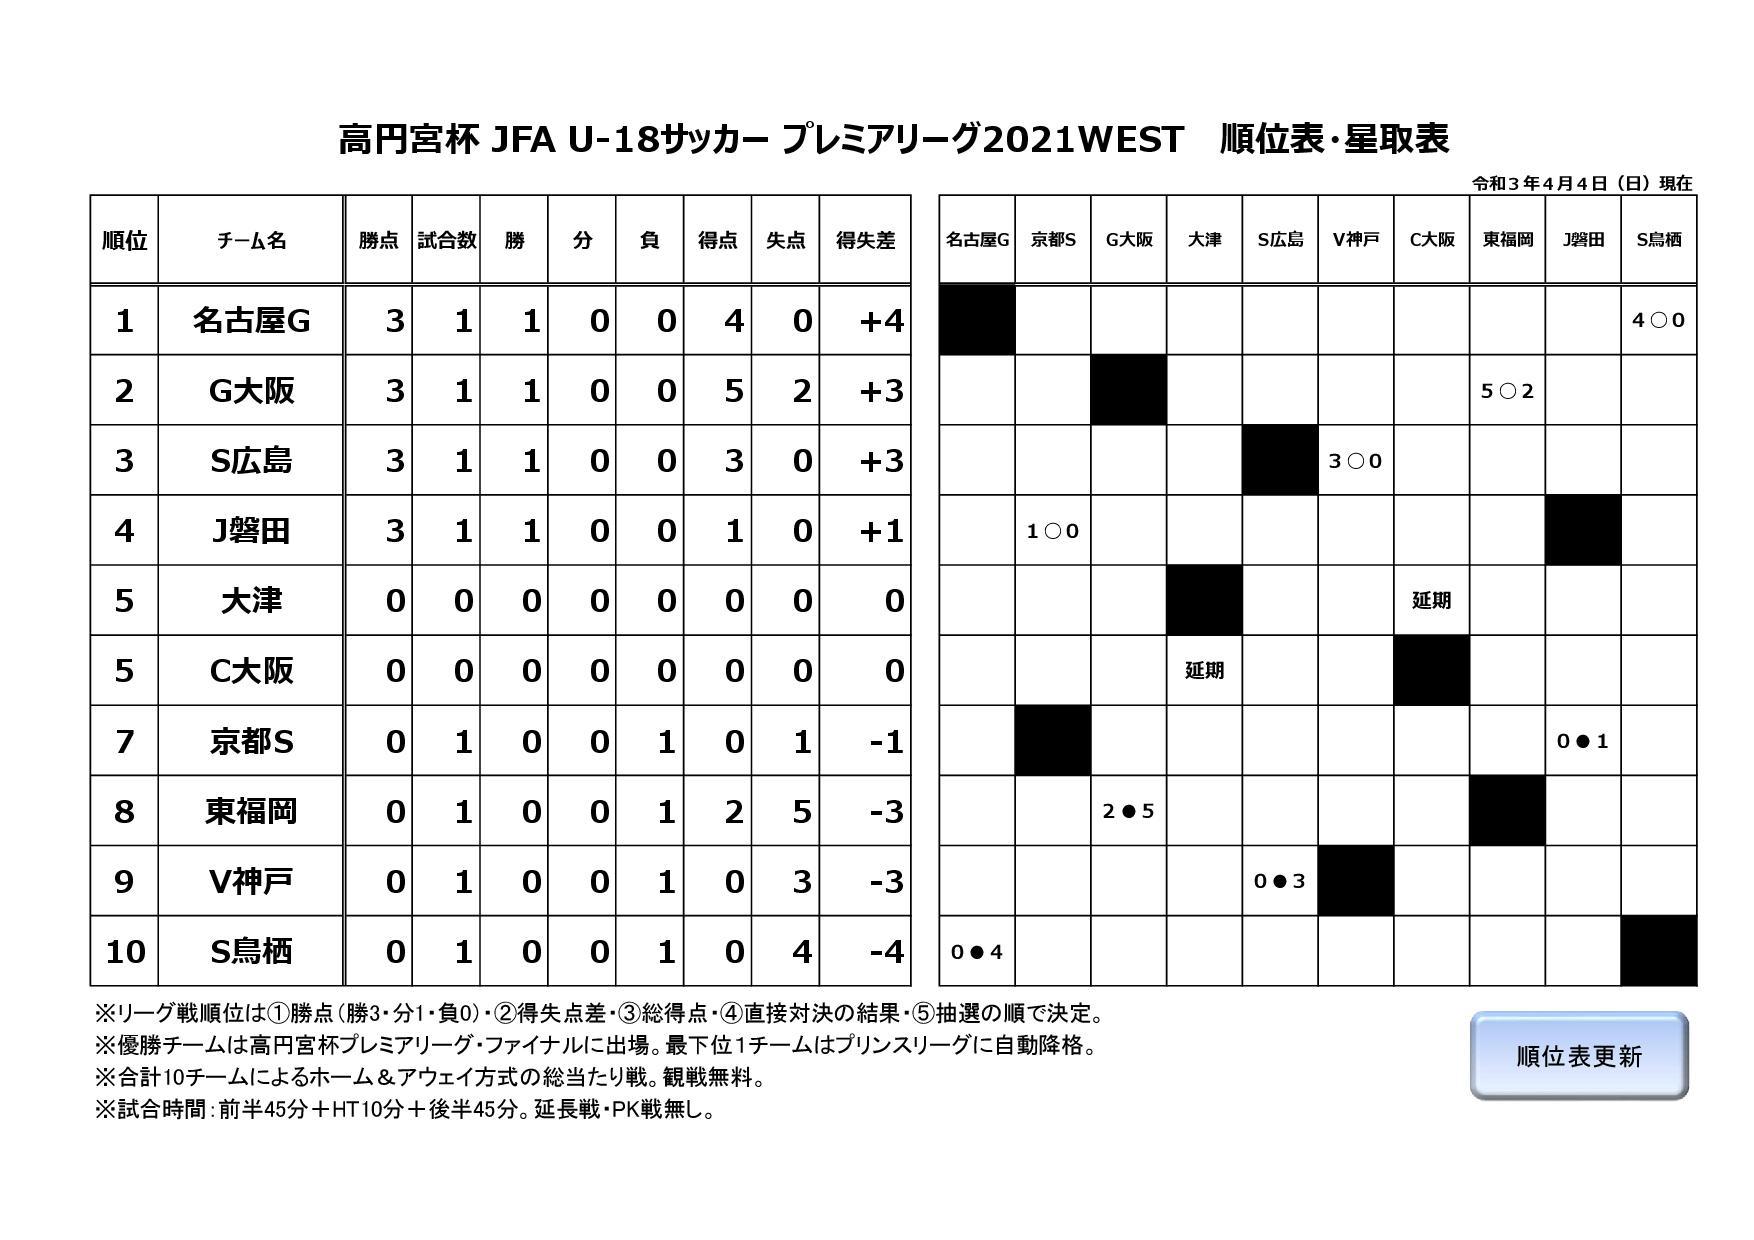 高円宮杯 JFA U-18サッカープレミアリーグ2021WESTE